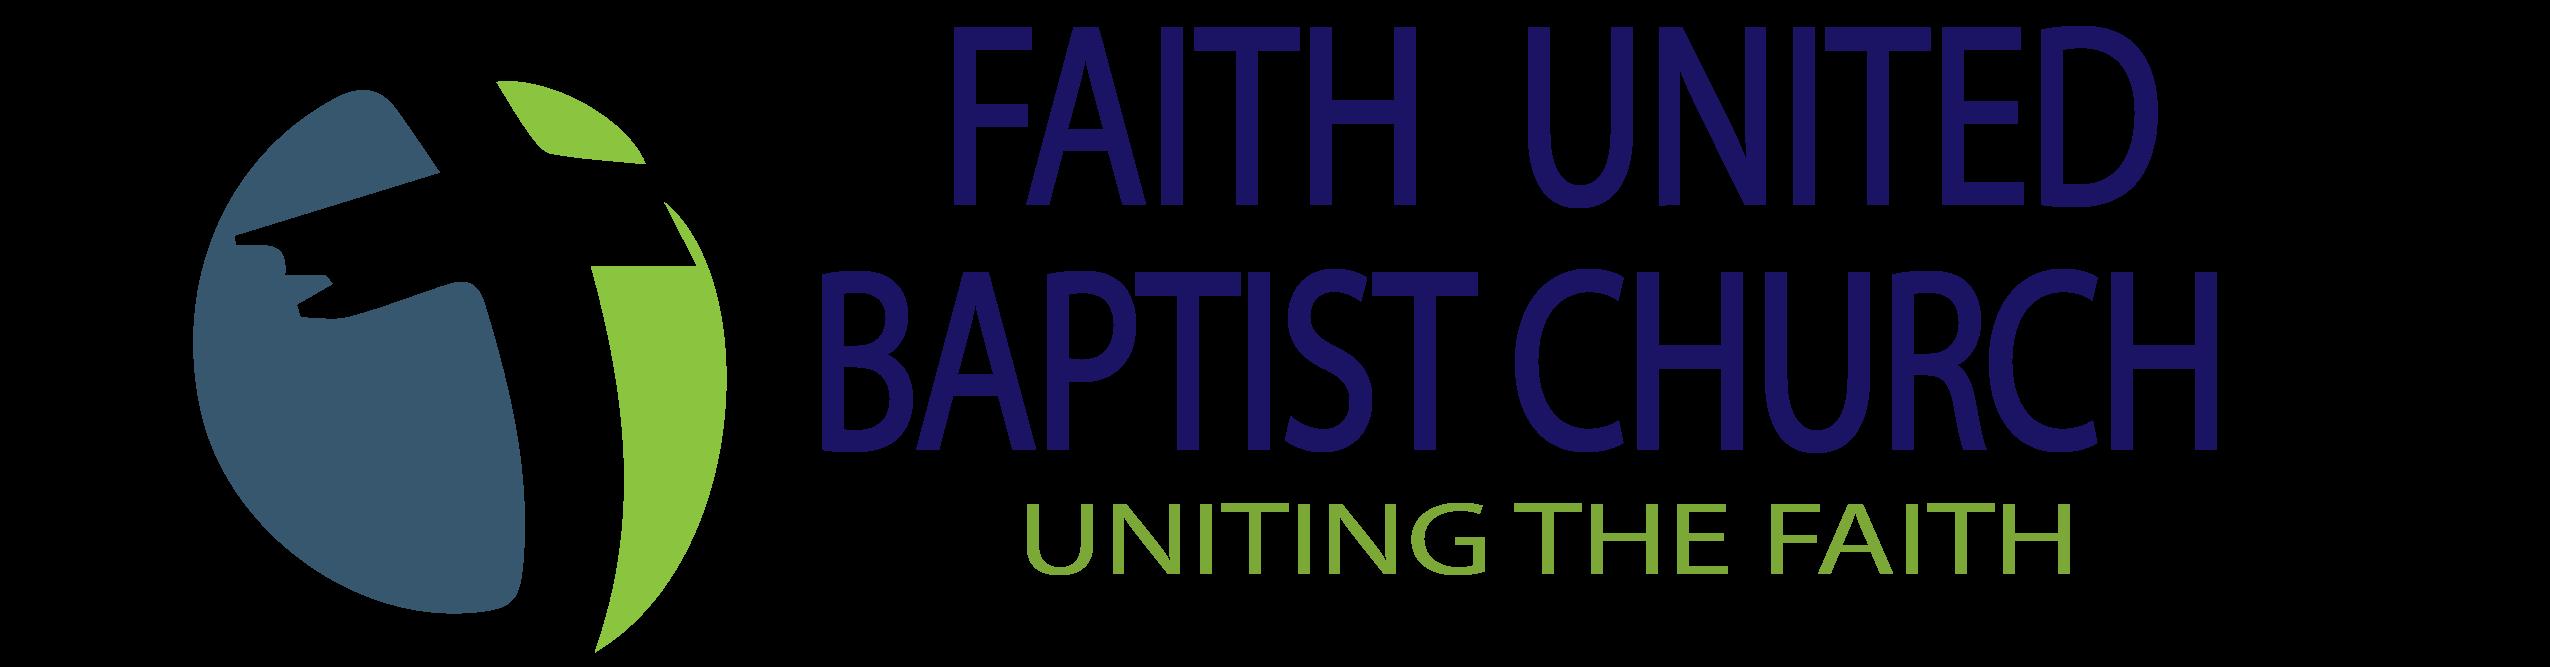 Faith United Baptist Church